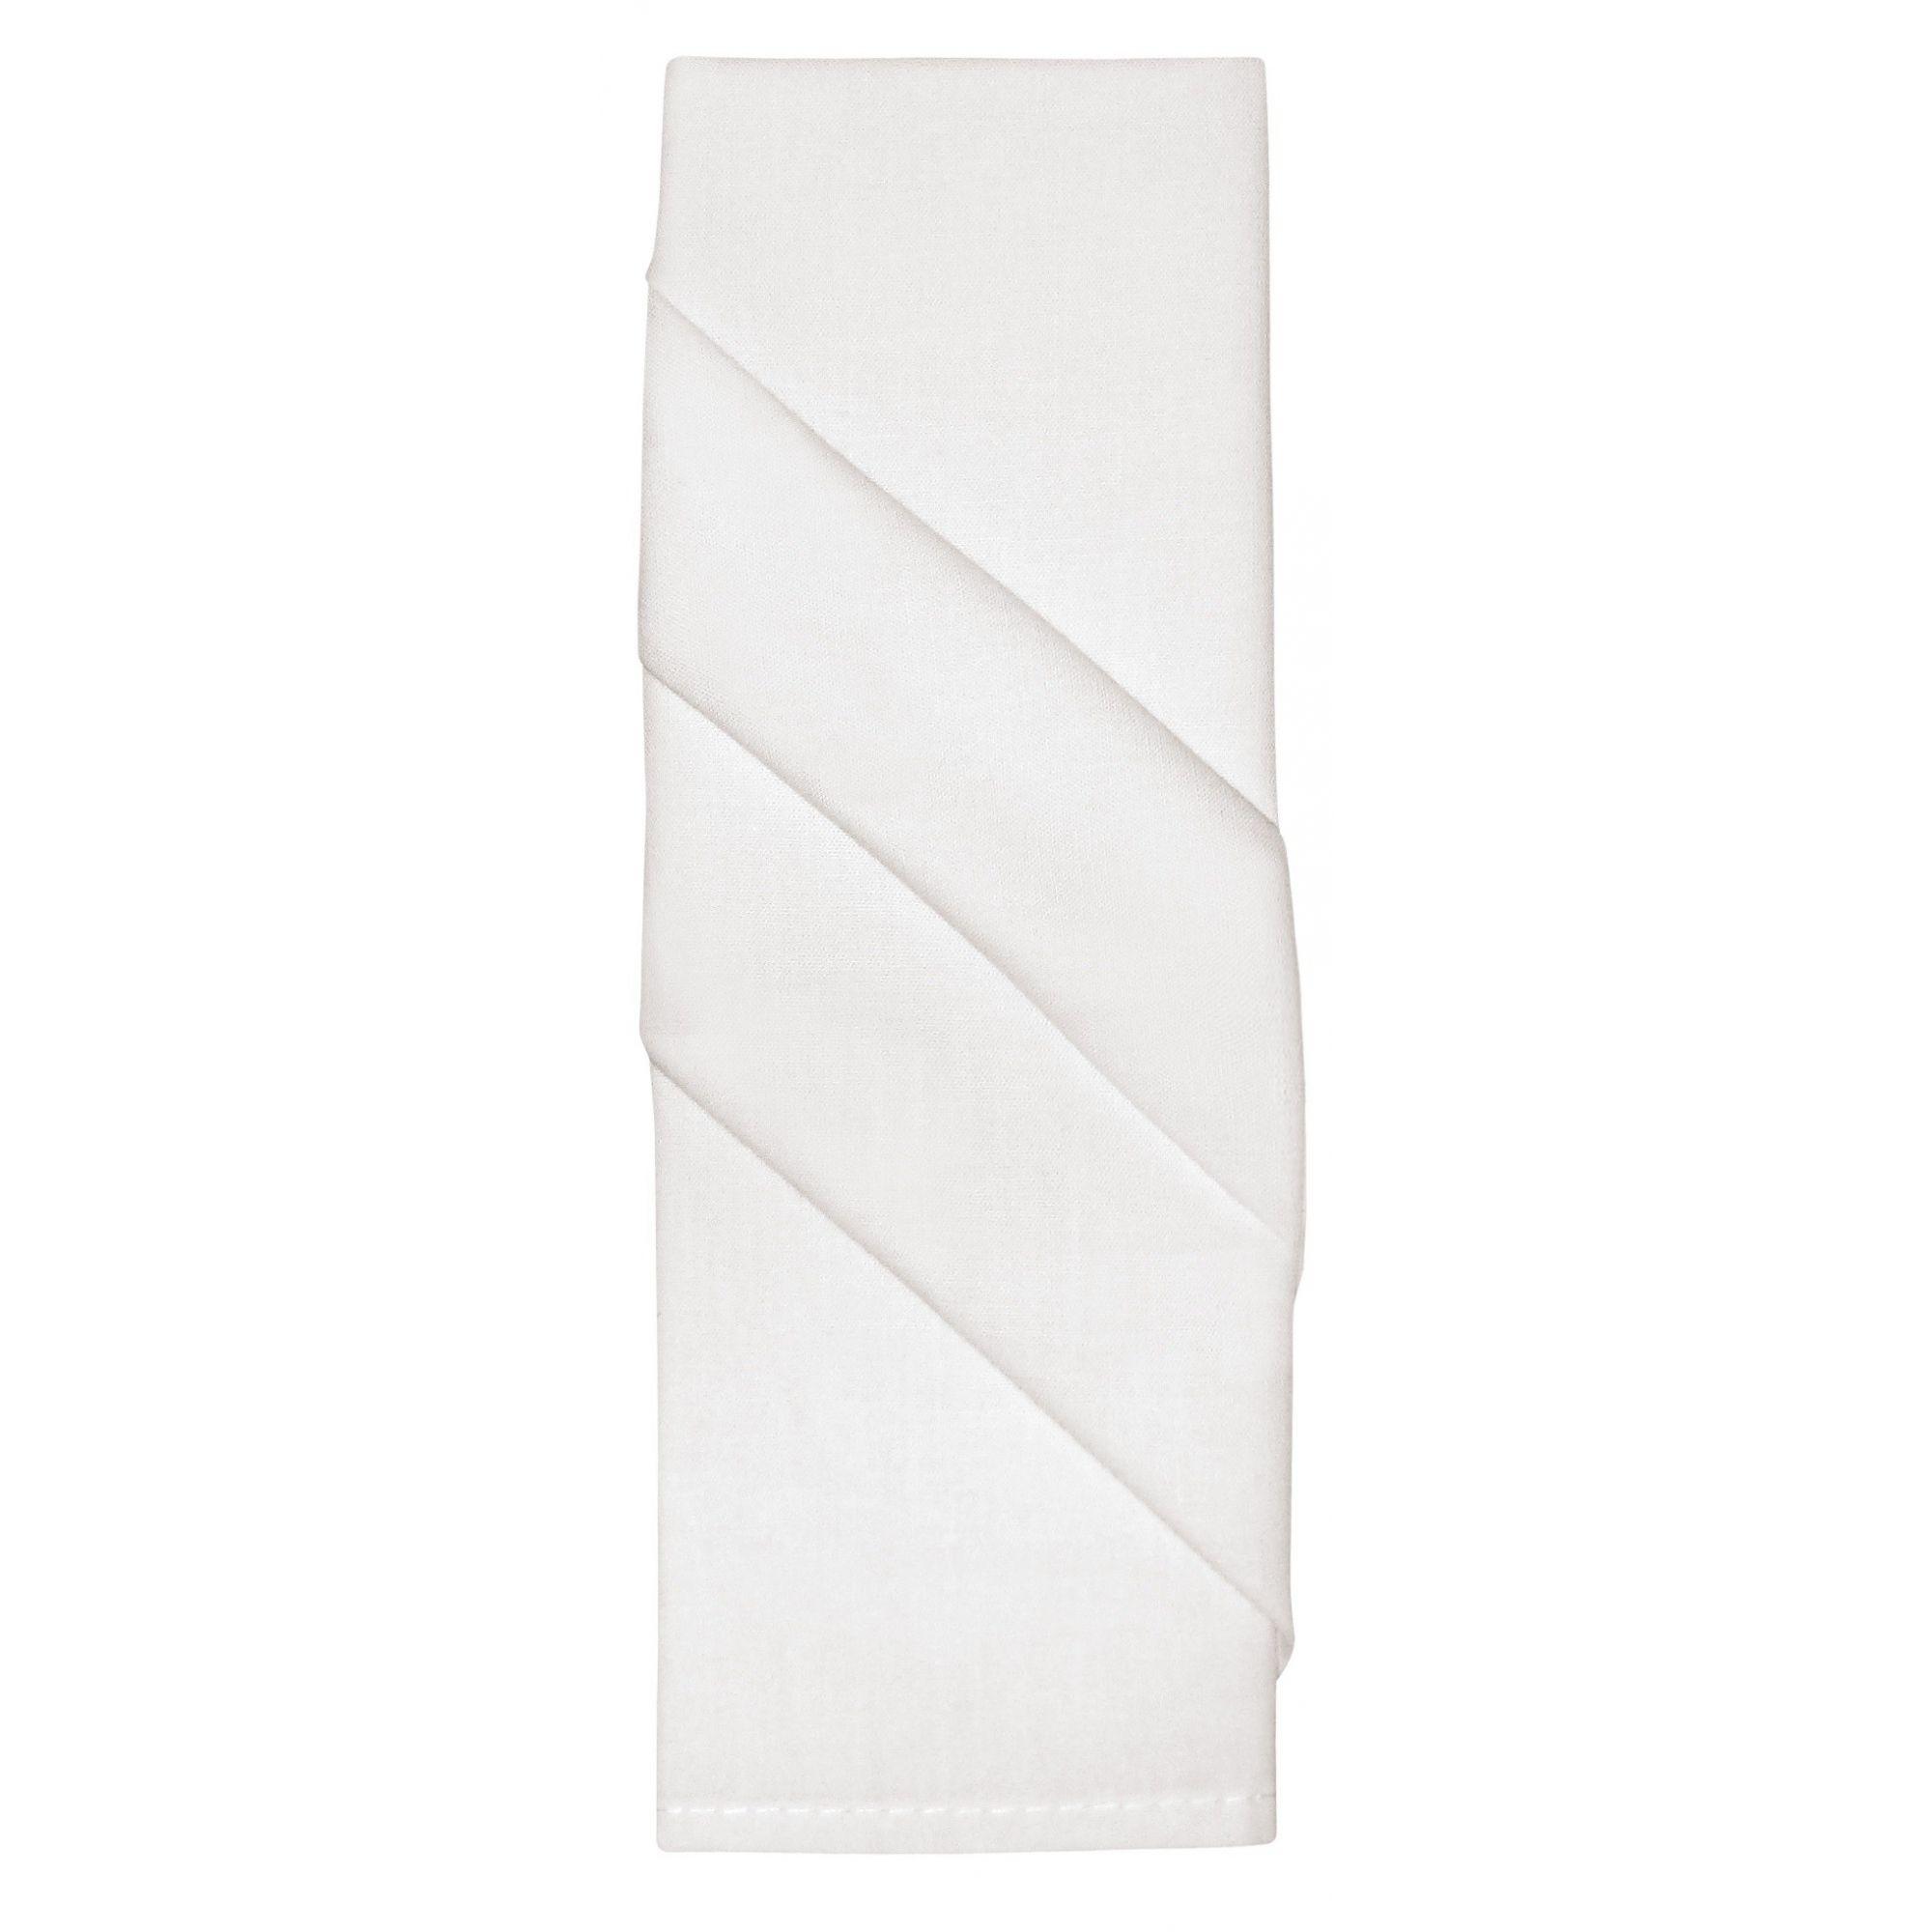 Guardanapo Tecido 45x45 cm 4pçs Home Branco